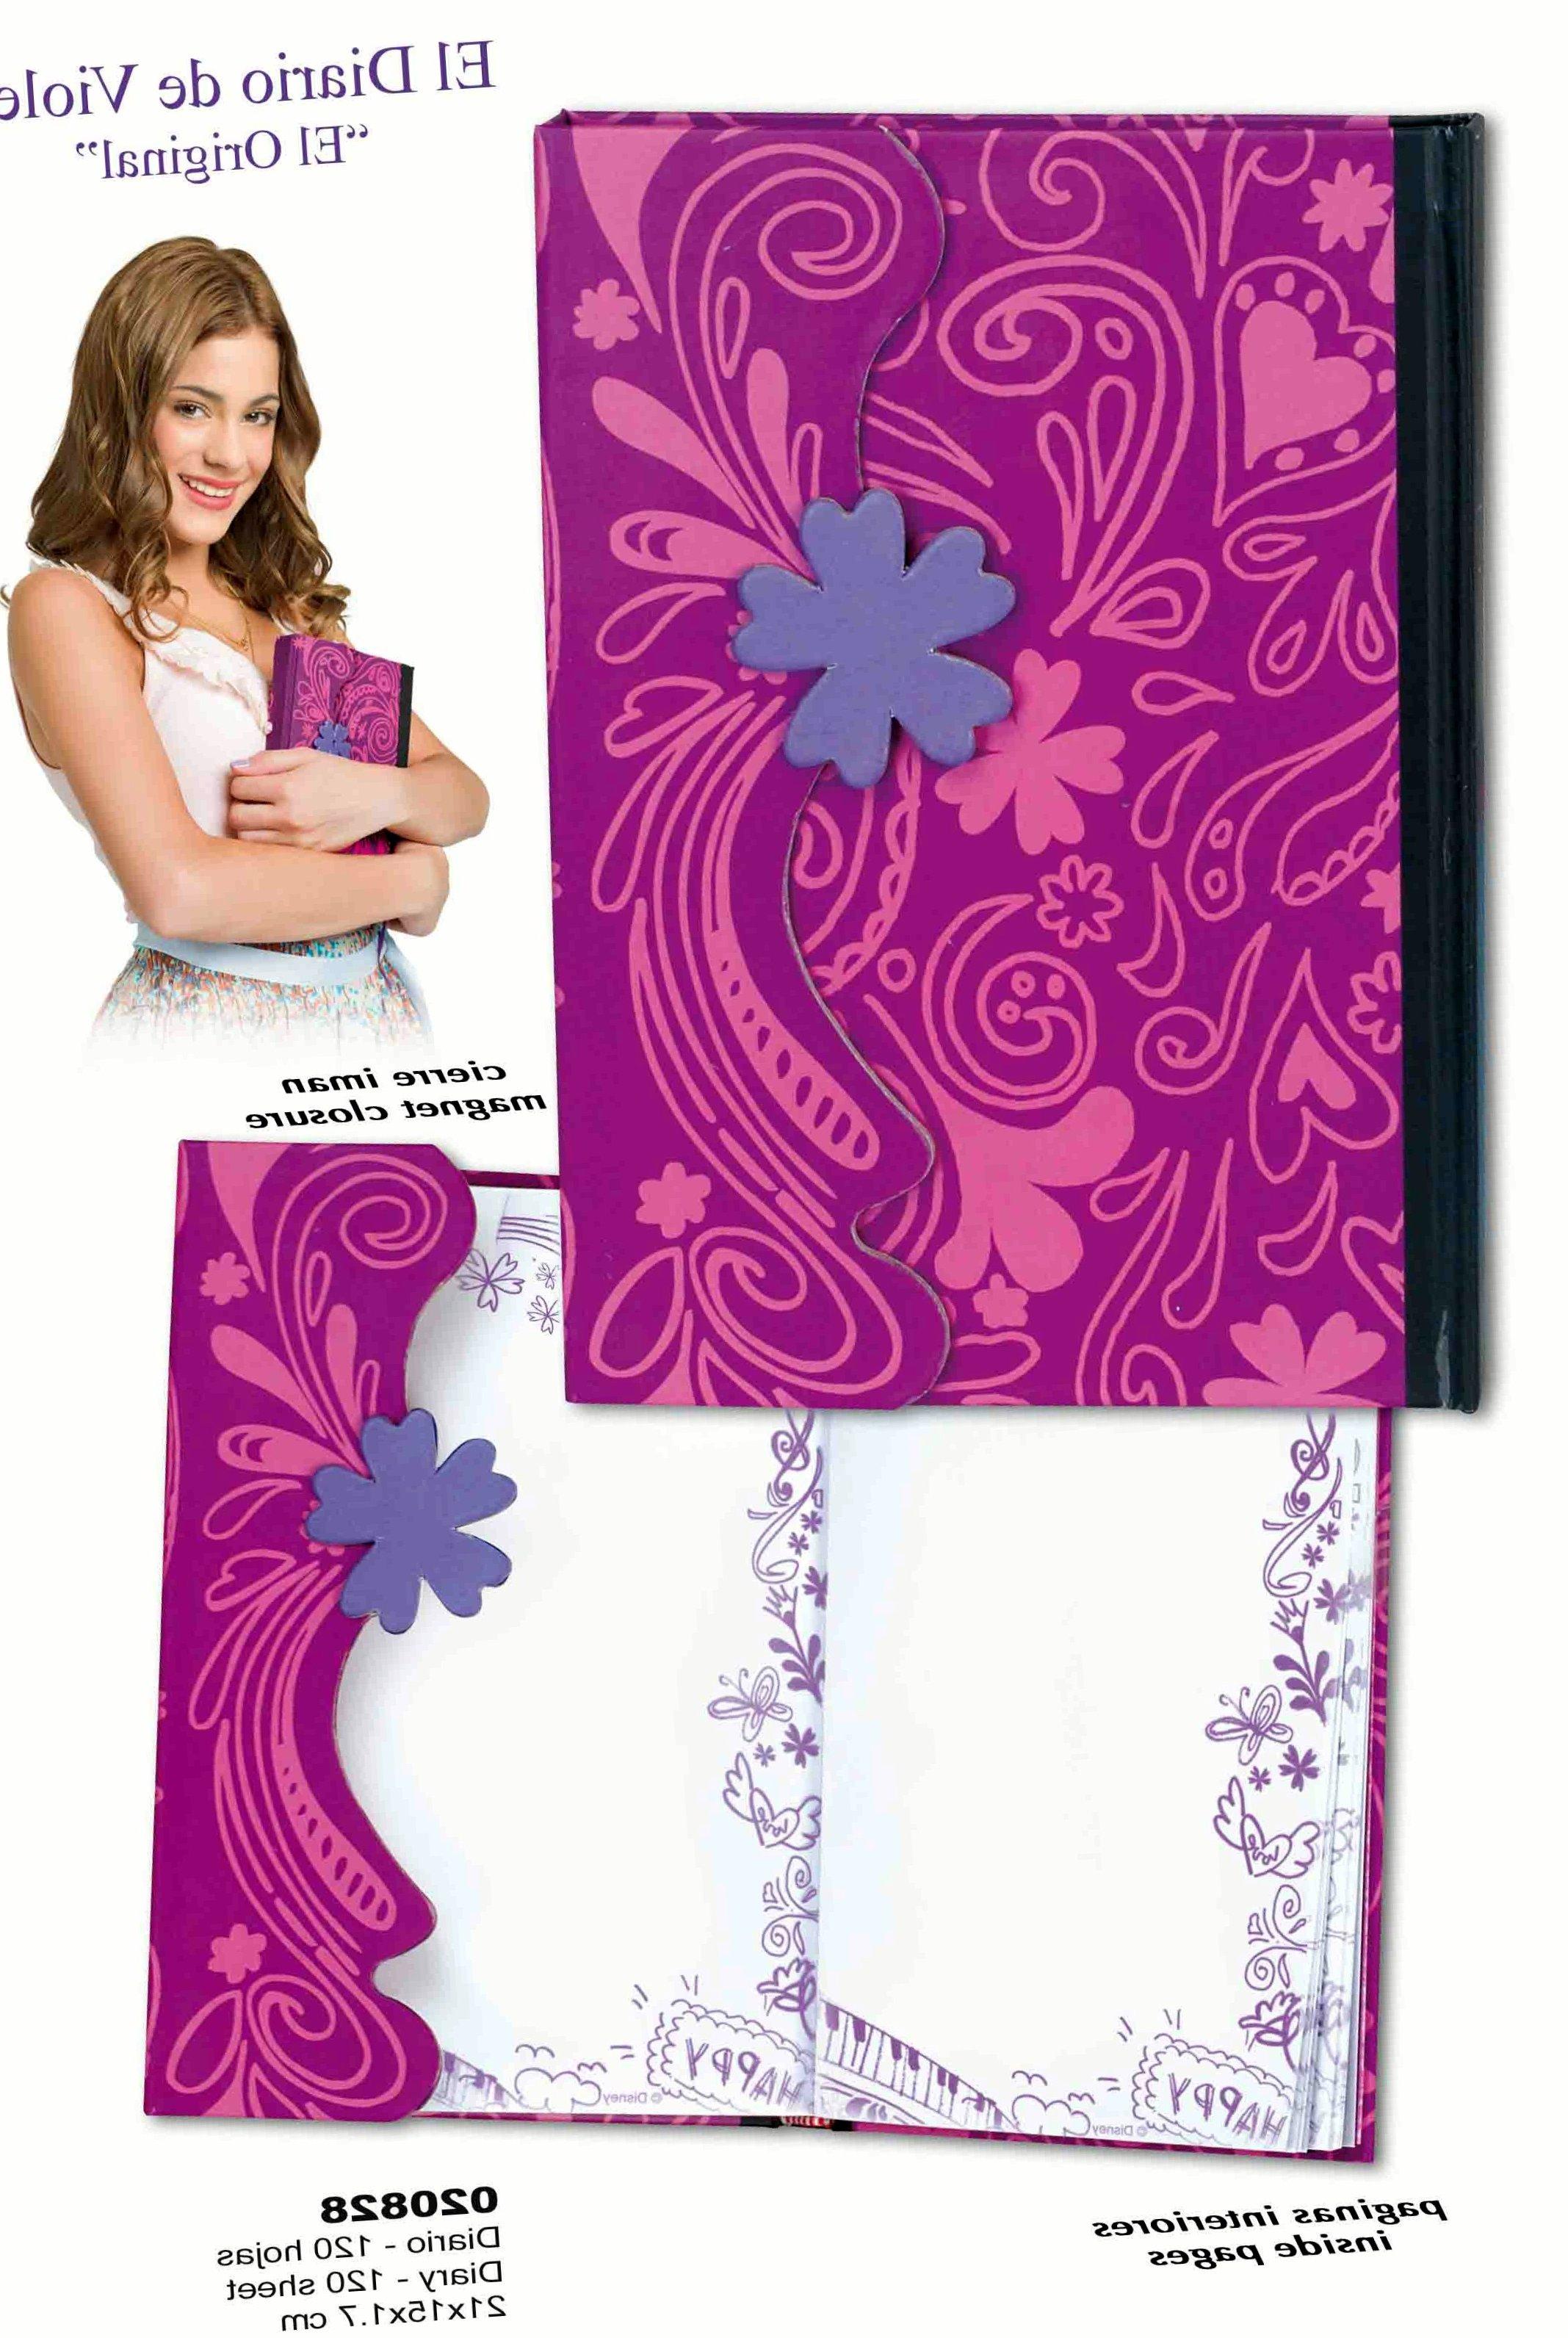 Как сделать дневник как у виолетты картинки